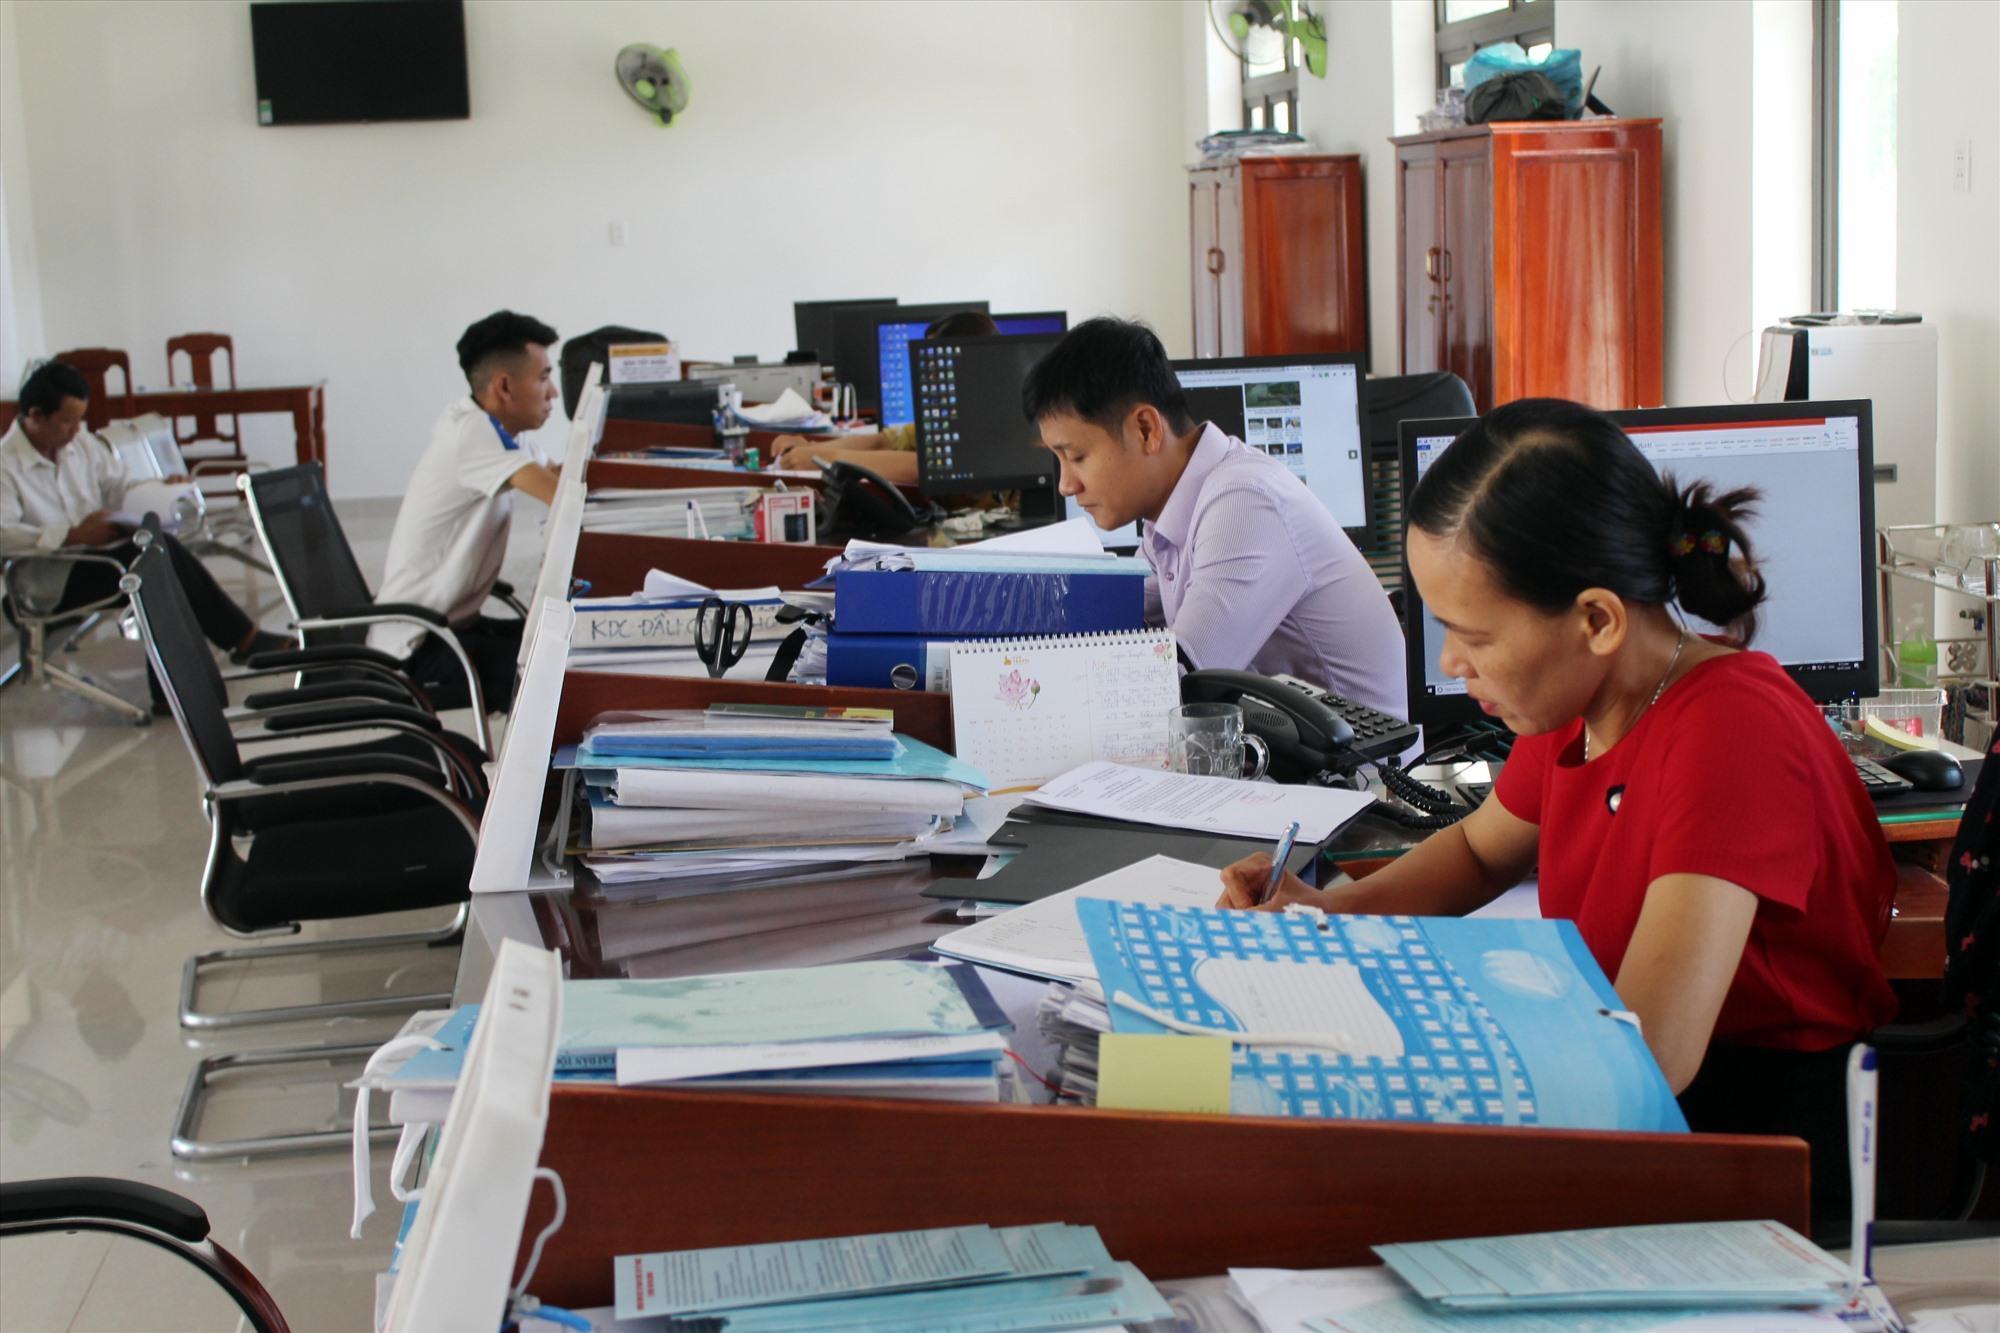 Tại Bộ phận tiếp nhận và trả kết quả UBND huyện Núi Thành. Ảnh: VĂN PHIN